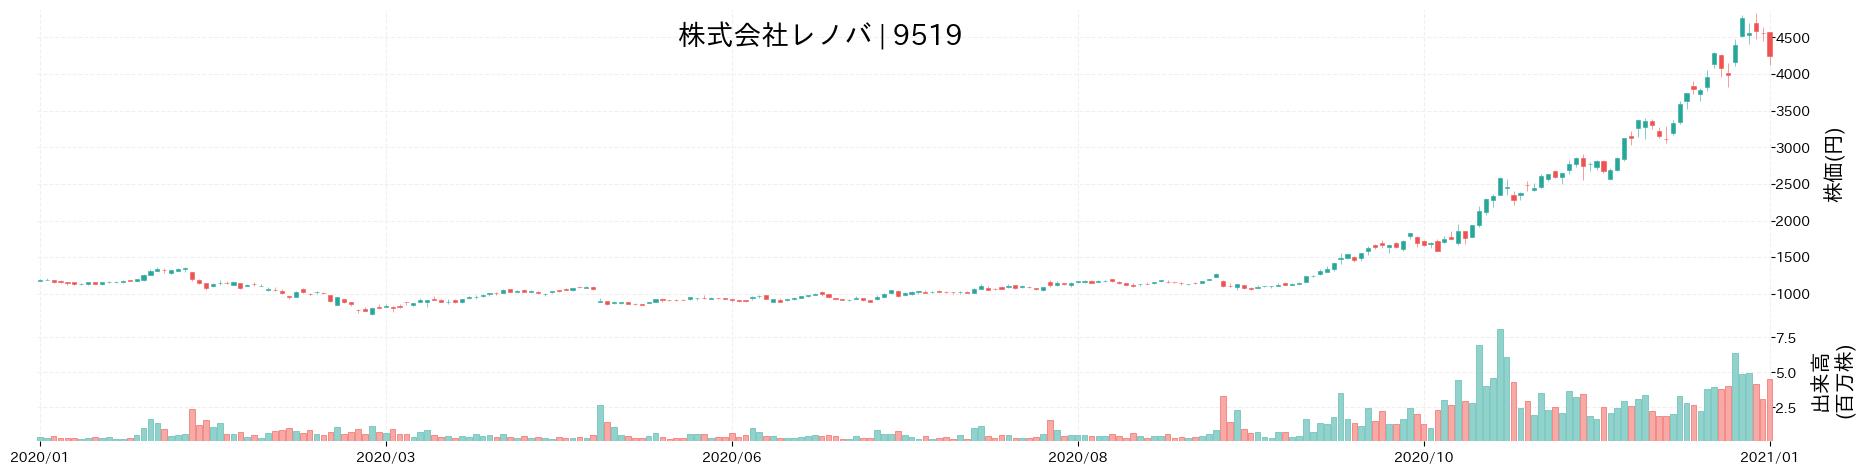 株式会社レノバの株価推移(2020)